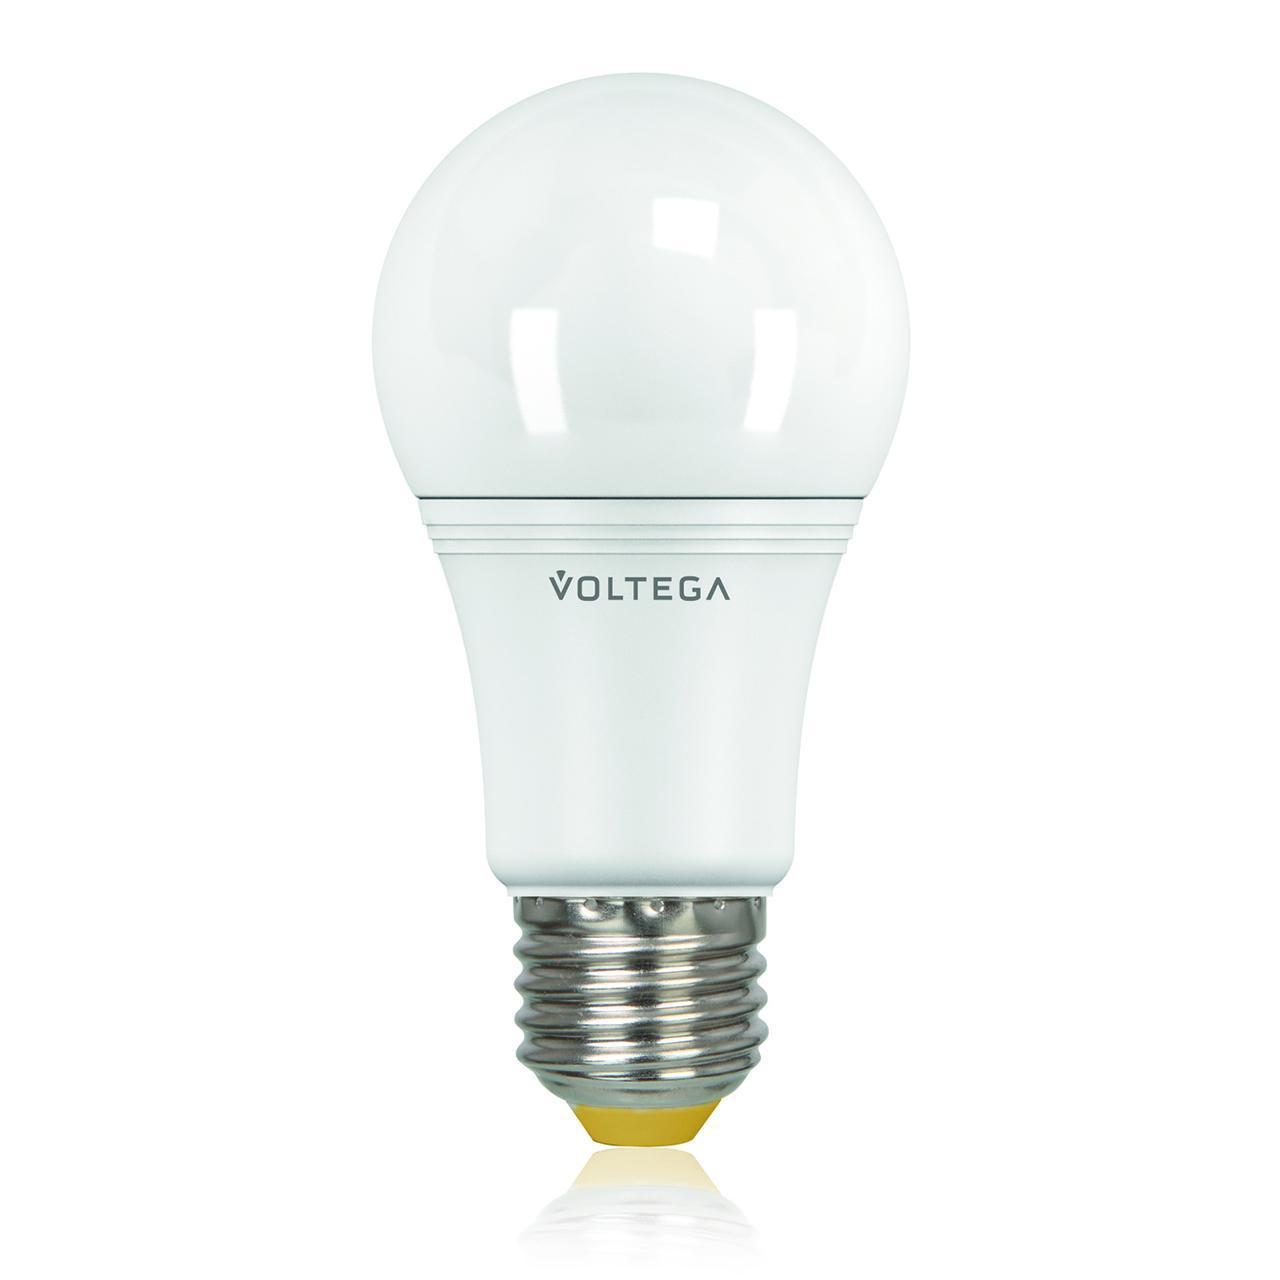 Лампа светодиодная E27 10.5W 2800К матовая VG2-A2E27warm11W 5737 voltega лампа светодиодная voltega таблетка матовая gx53 7 2w 2800к vg2 t2gx53warm7w 5739